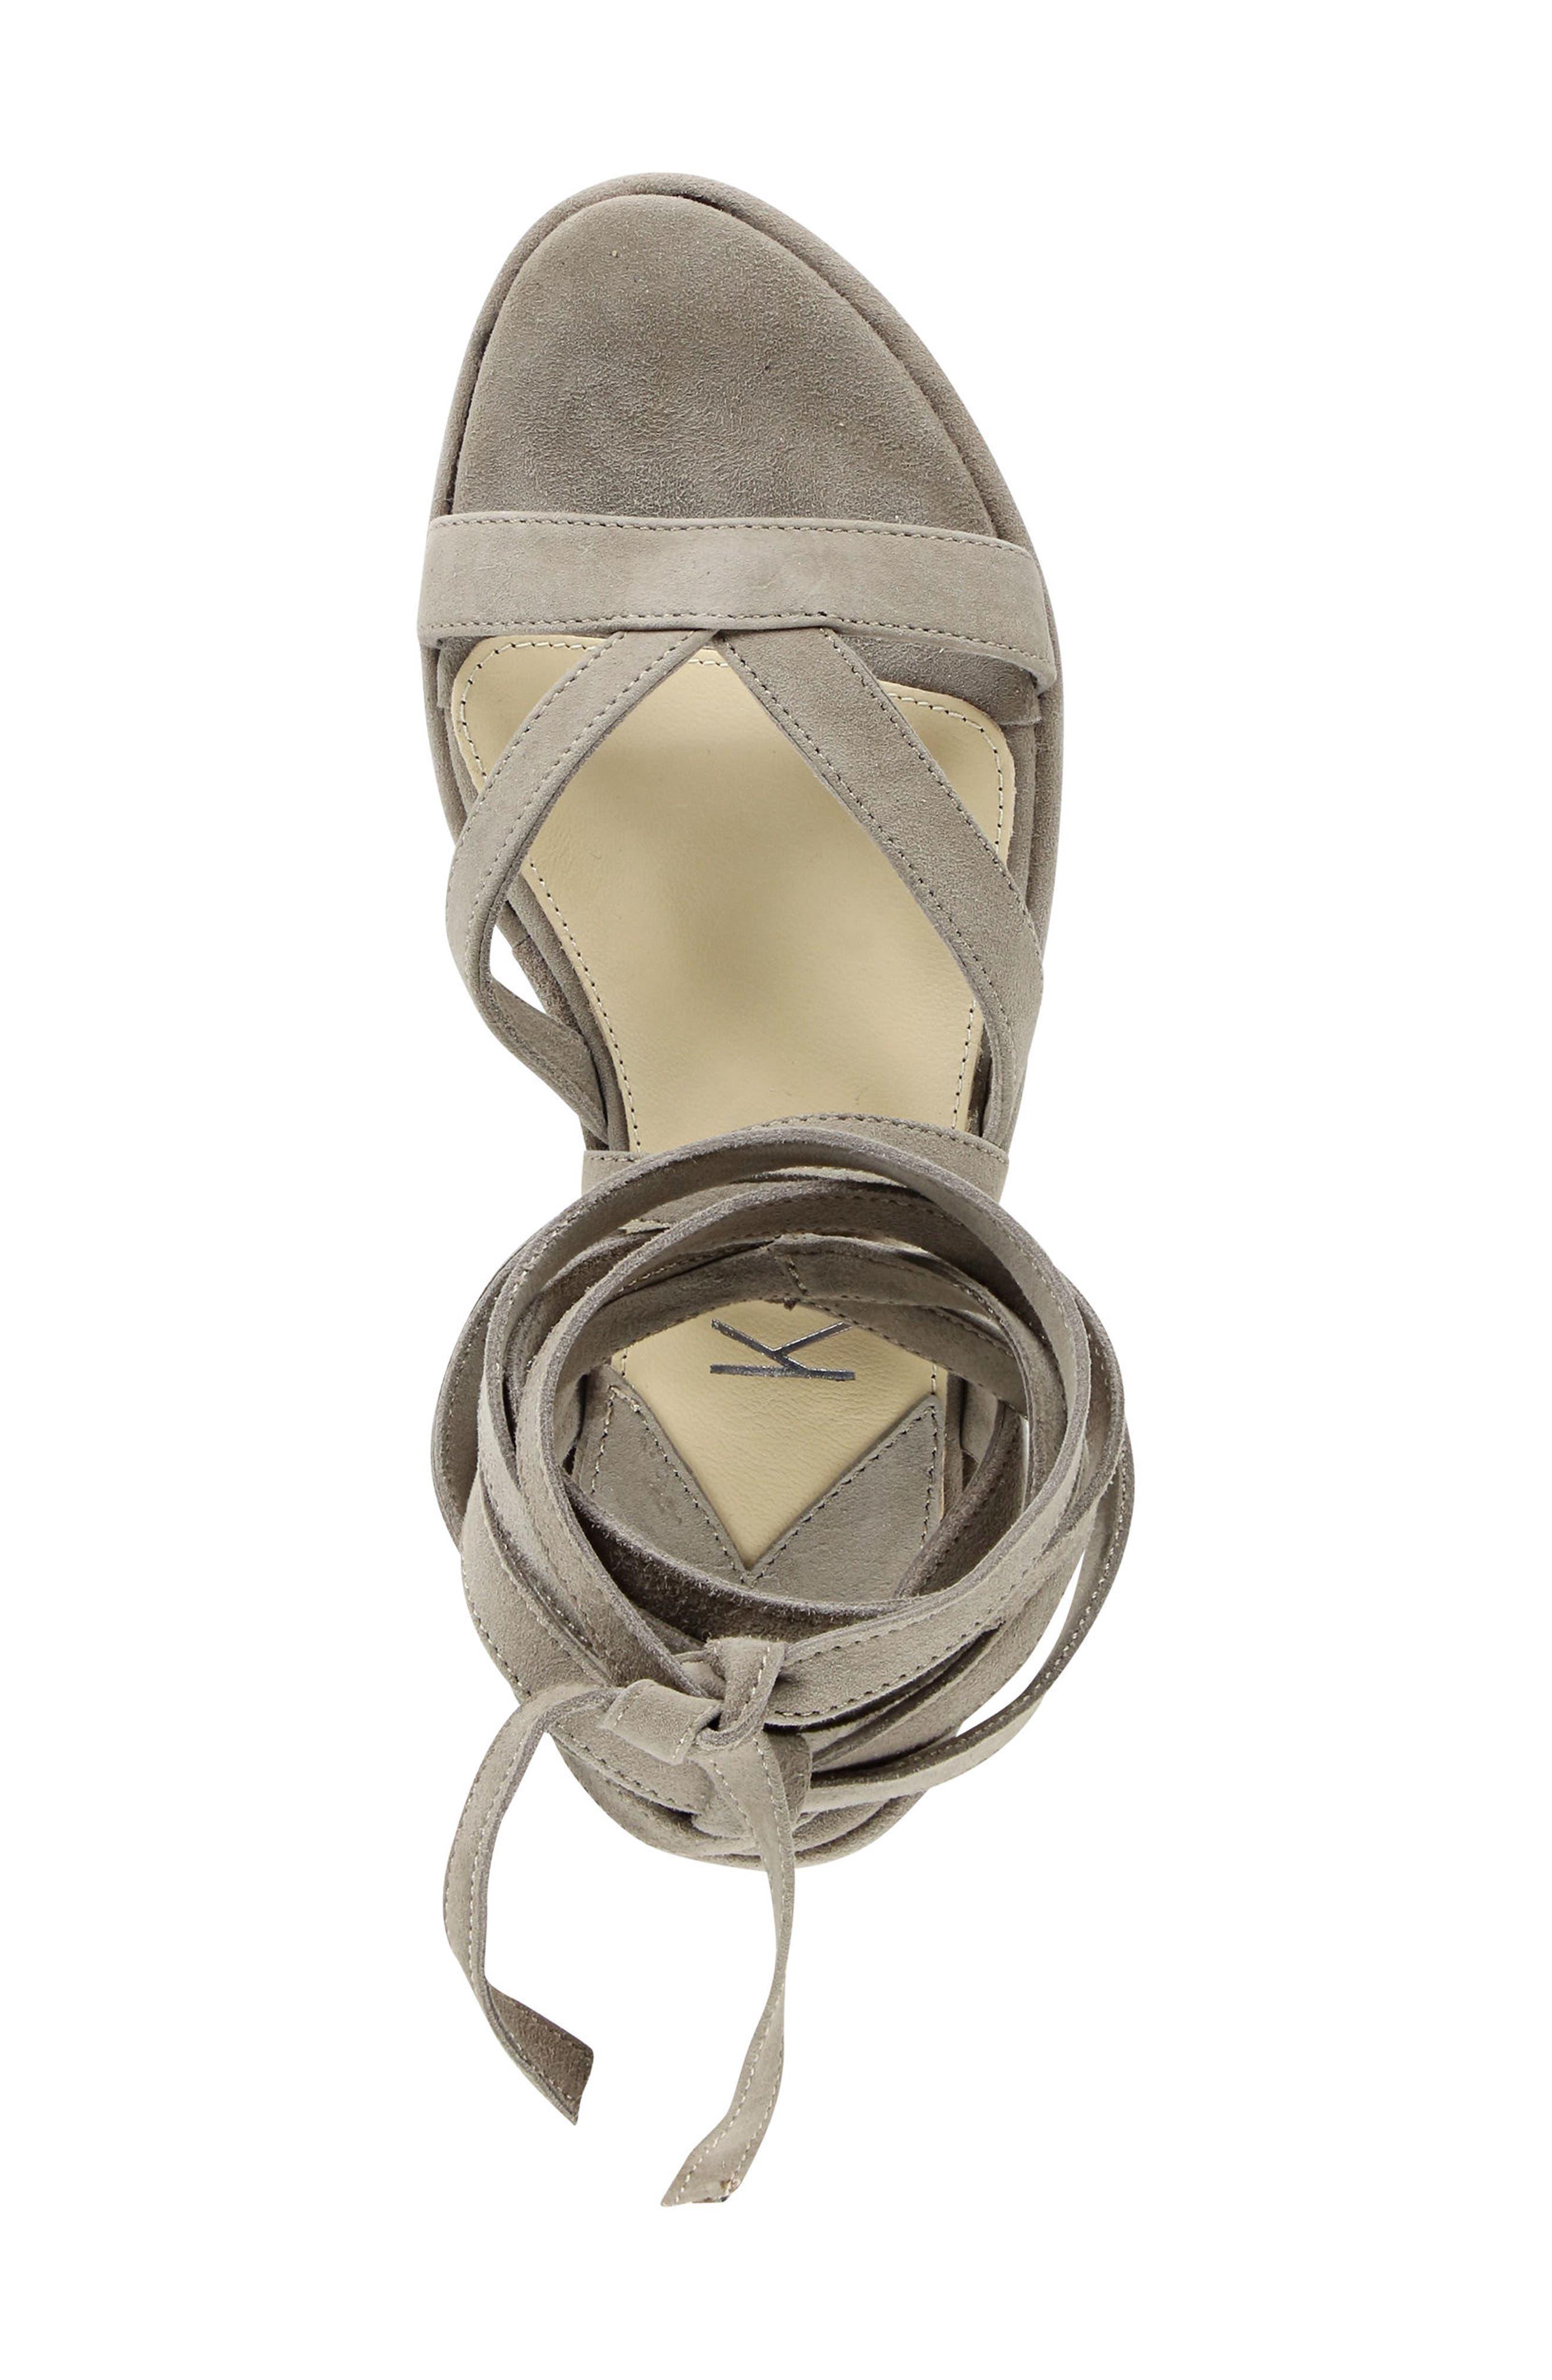 Keri Gladiator Platform Sandal,                             Alternate thumbnail 6, color,                             Camel Suede